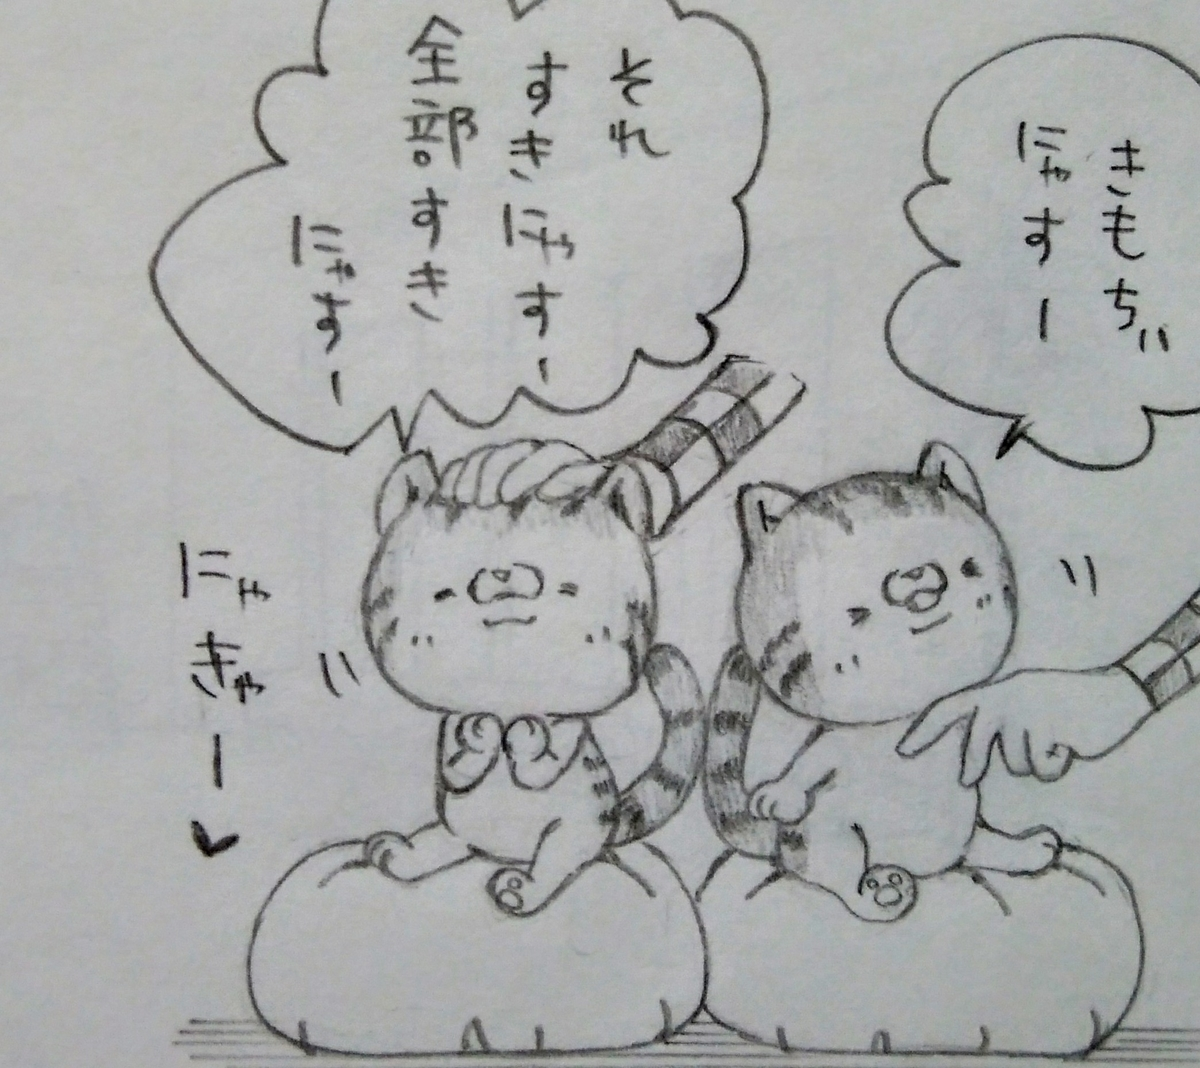 f:id:maricats:20200718133436j:plain